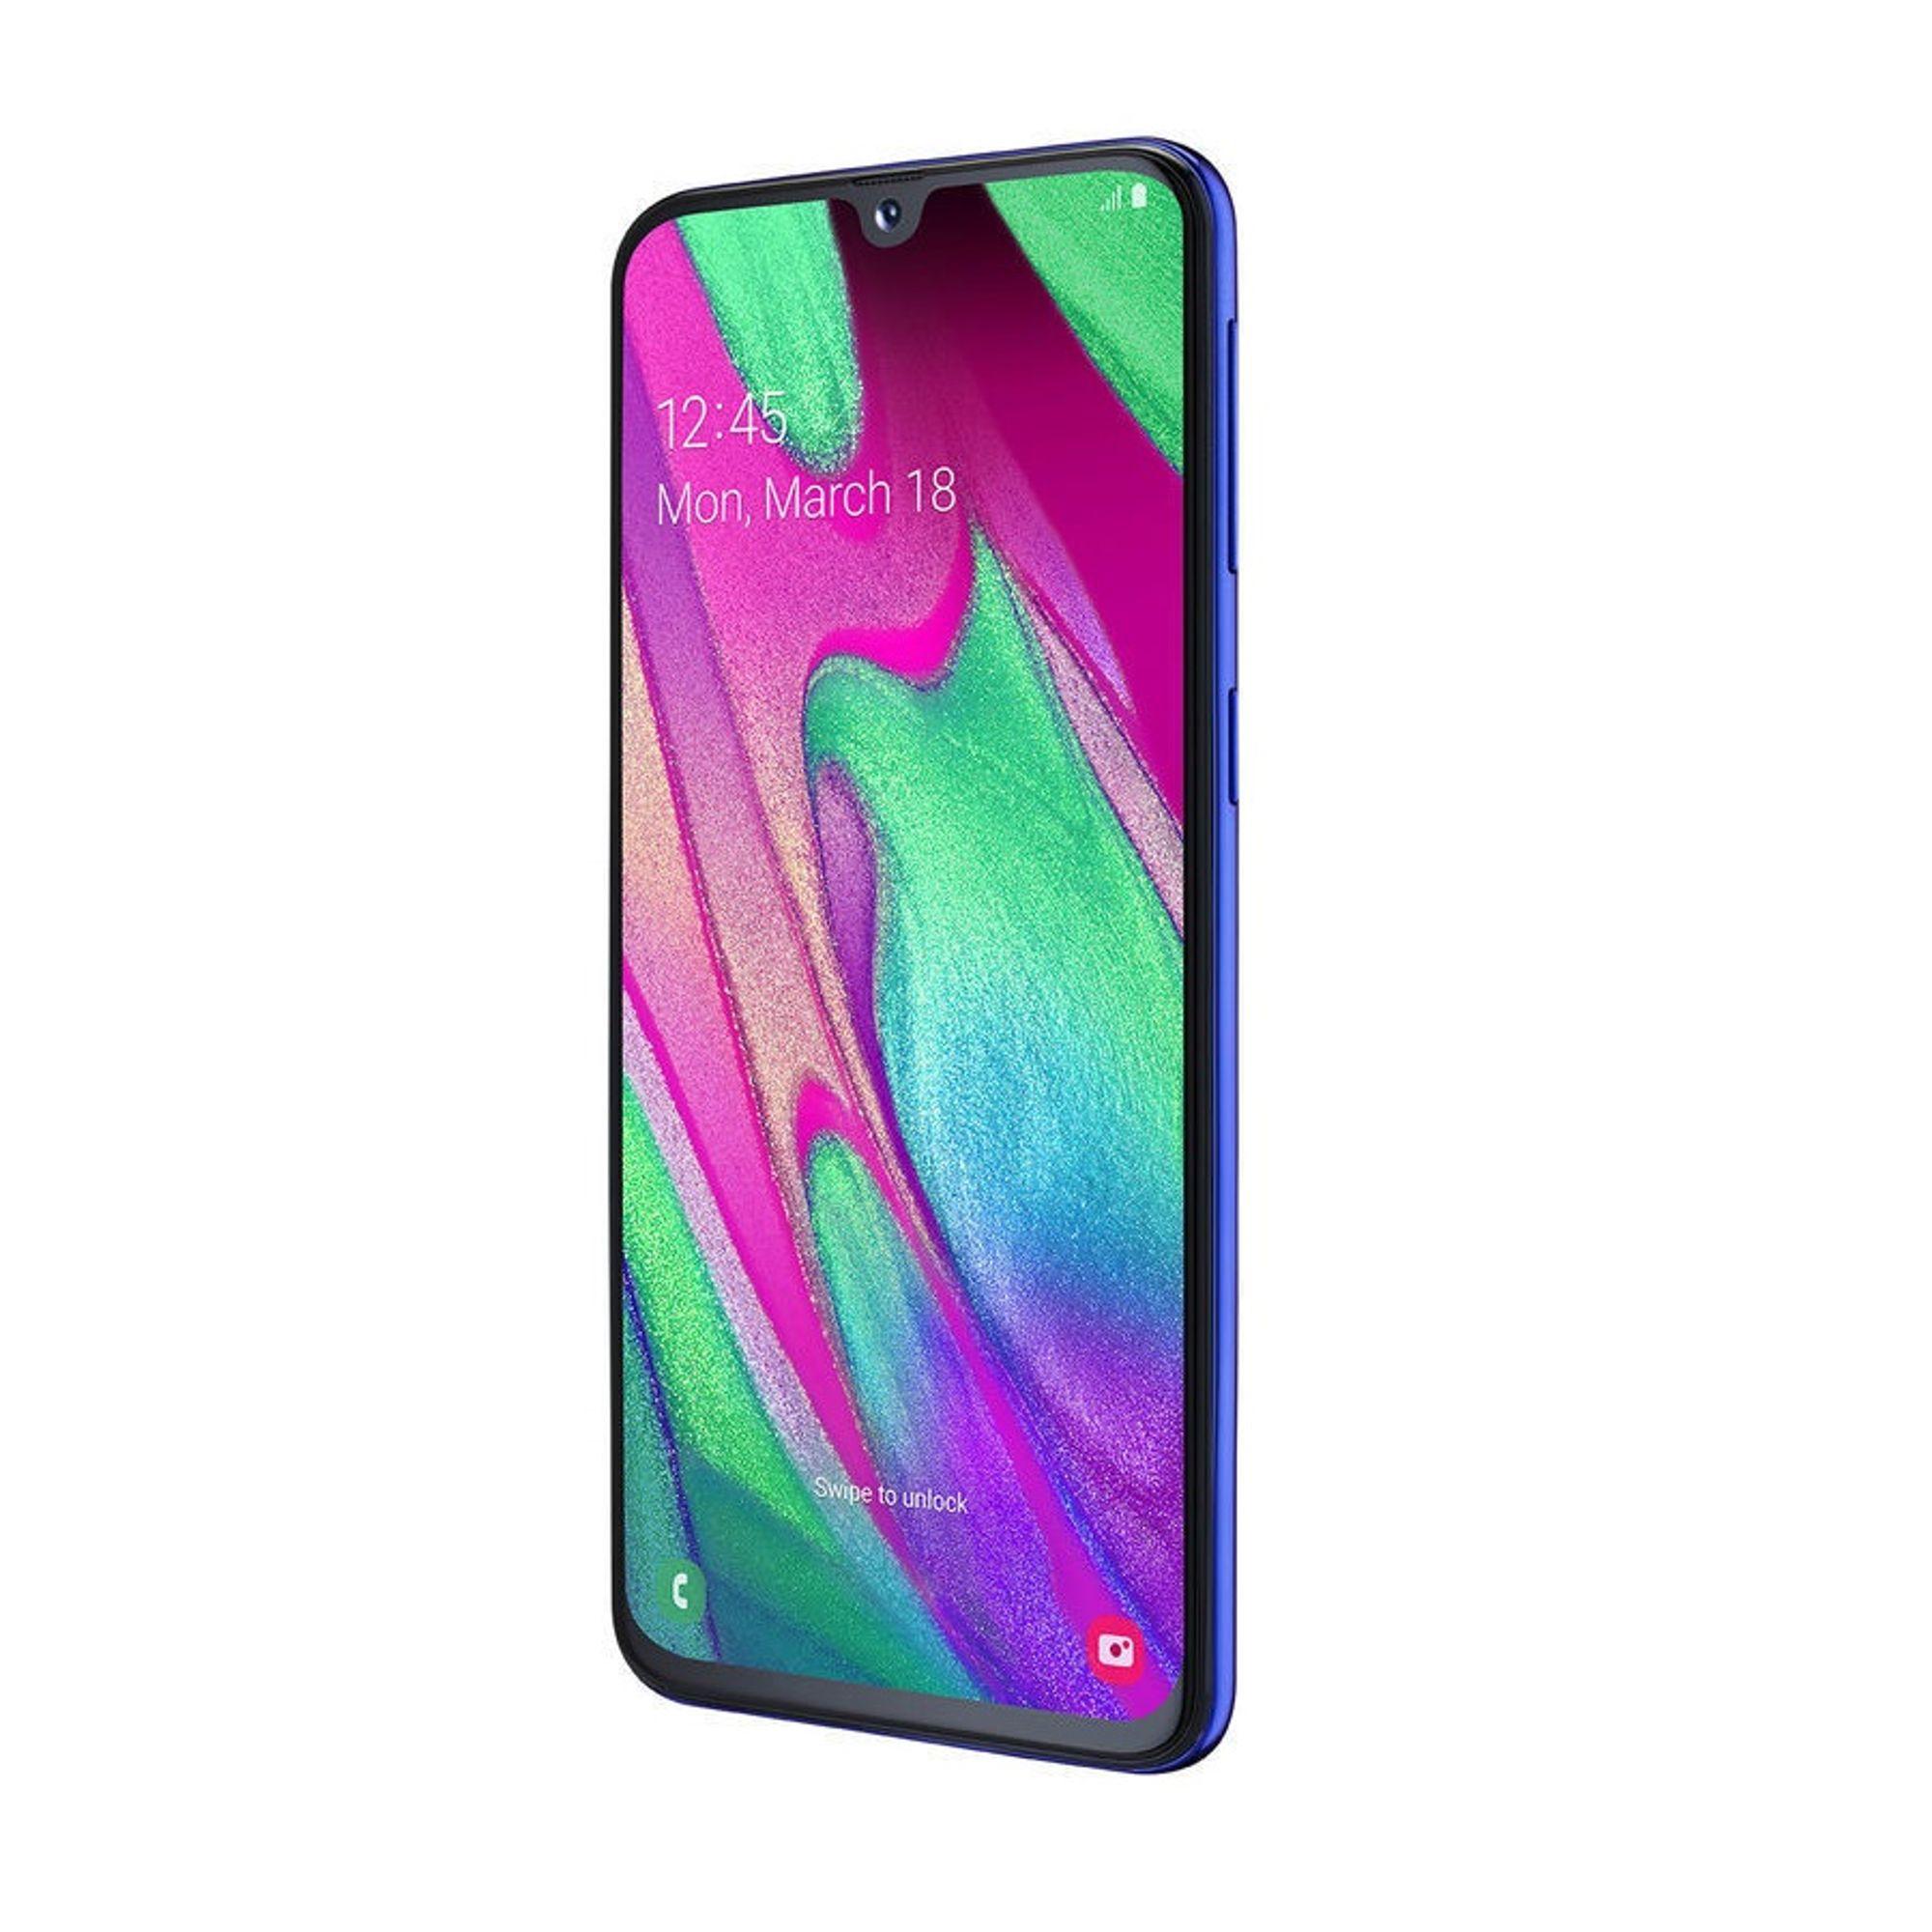 07af9db8b85 Samsung Galaxy A40 Telefon Mobil Dual SIM 5.9